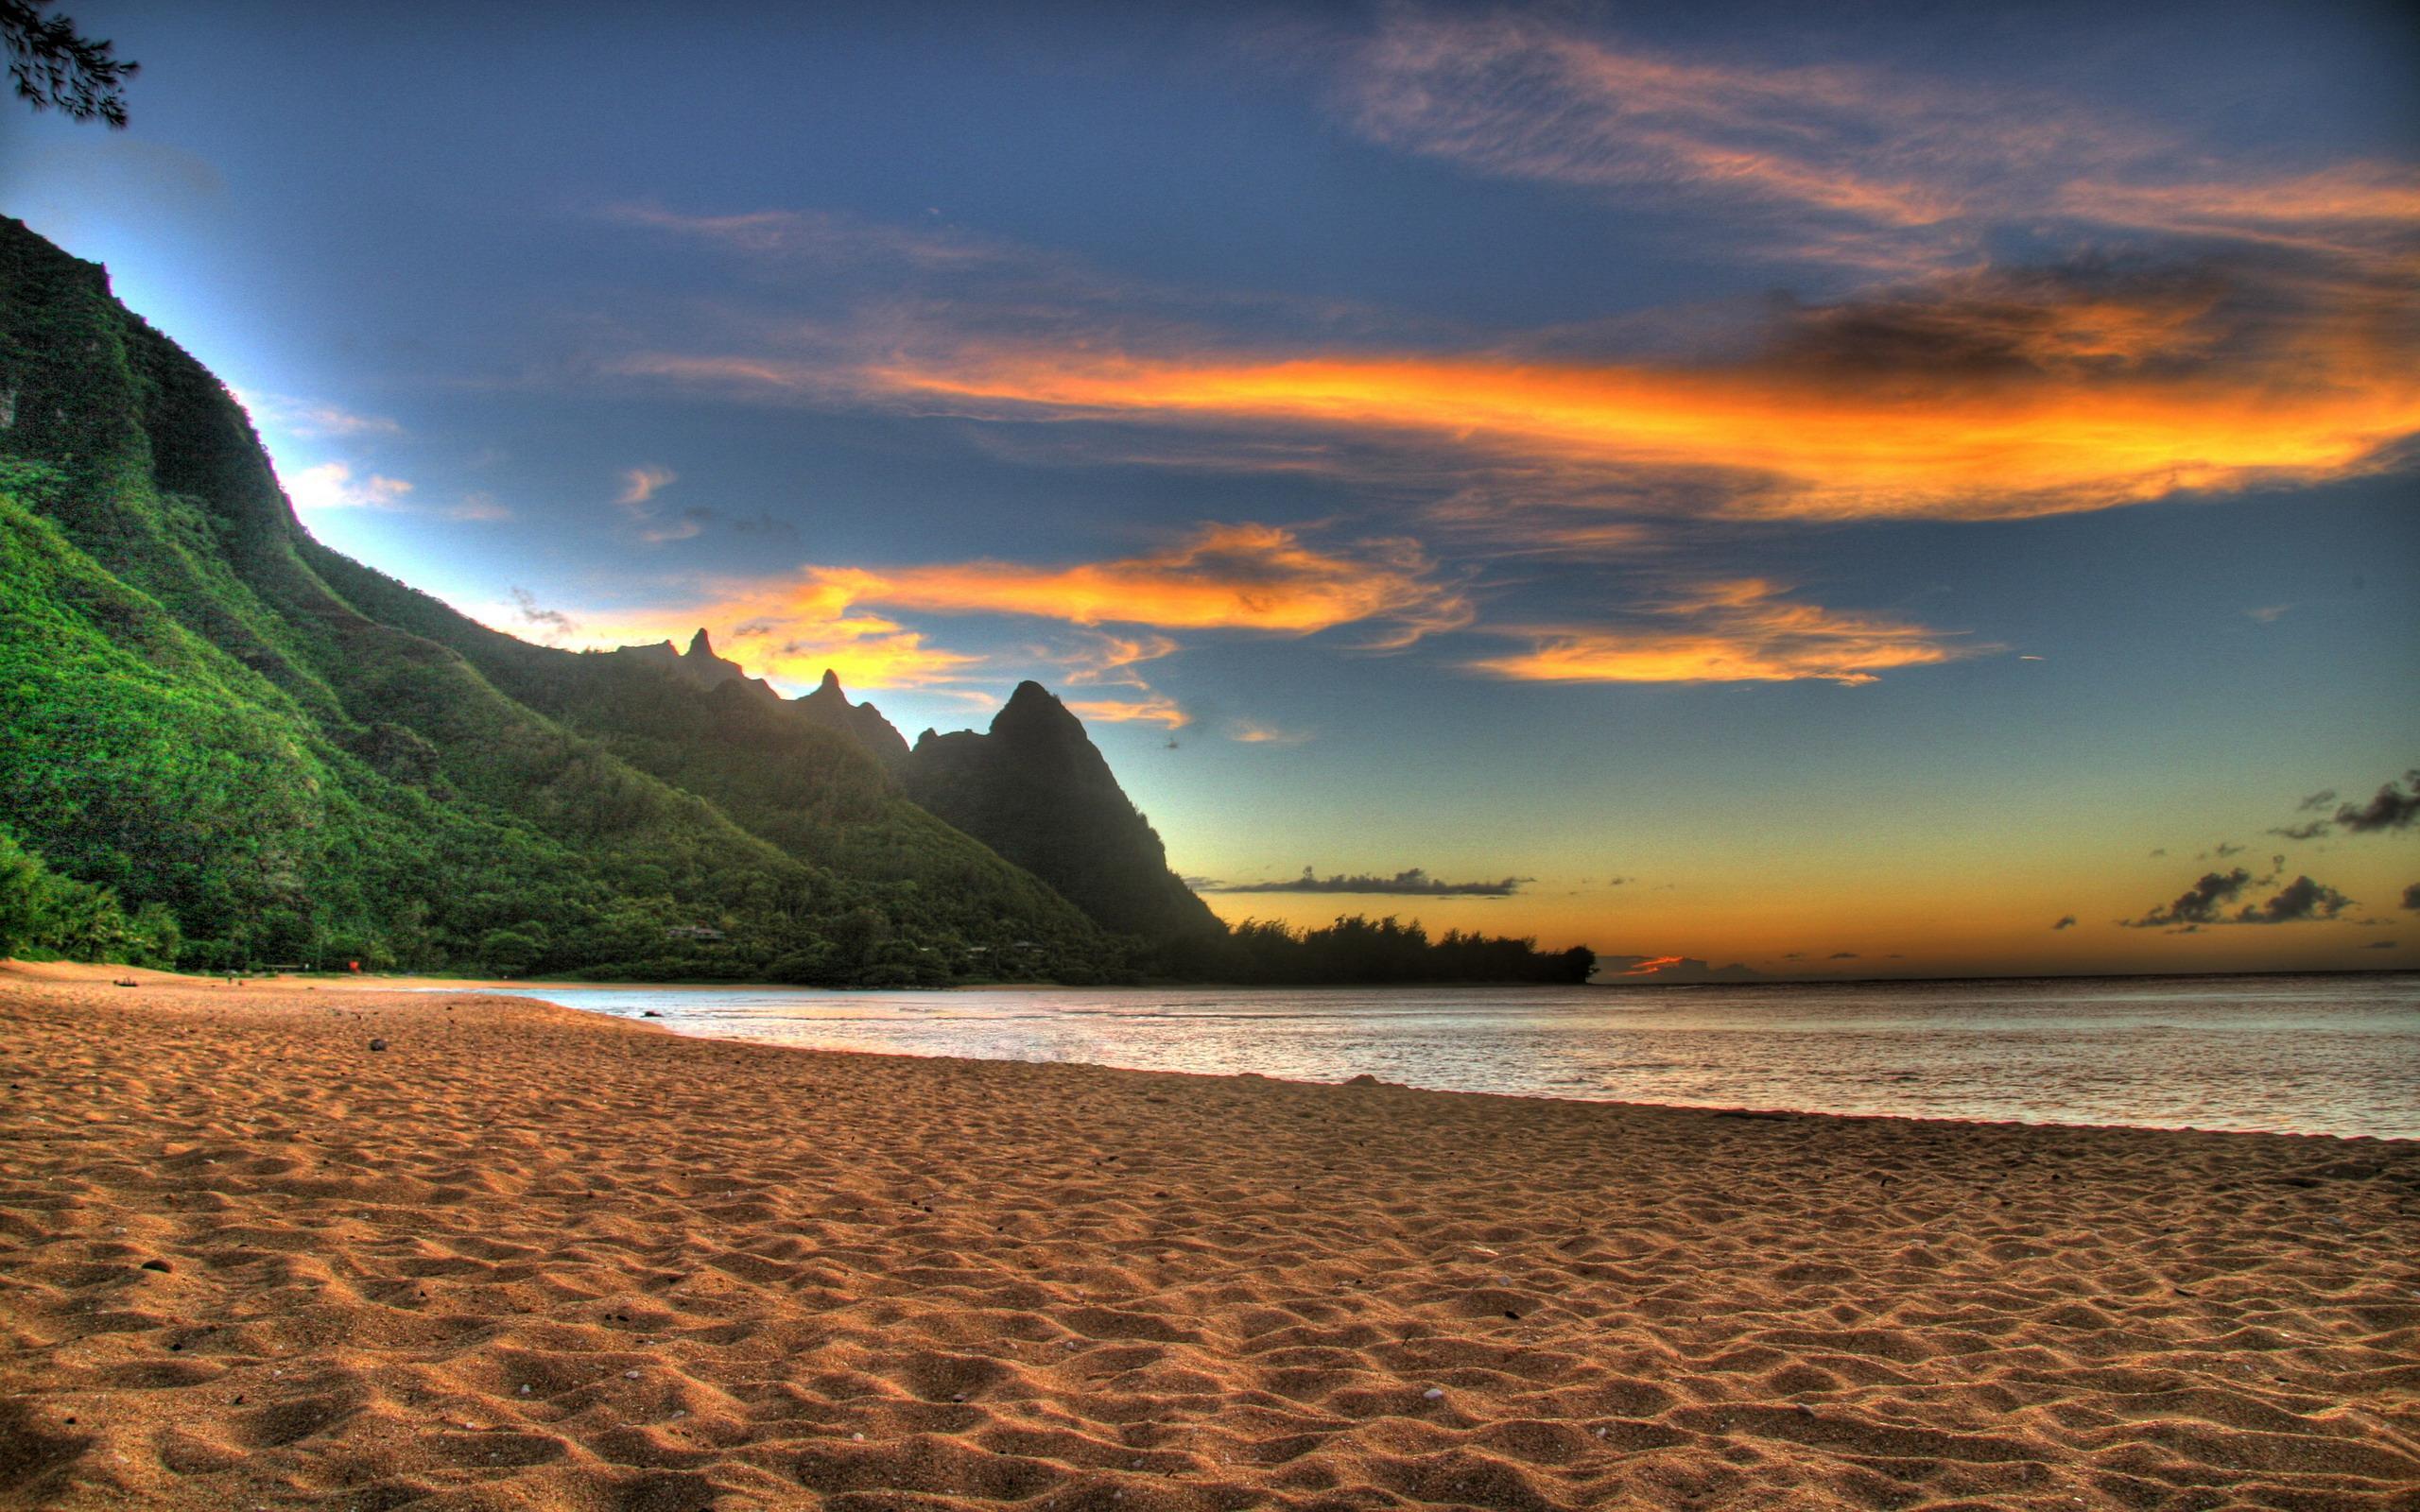 Beach Sunset Wallpaper Desktop Windows 2364 Wallpaper Cool 2560x1600